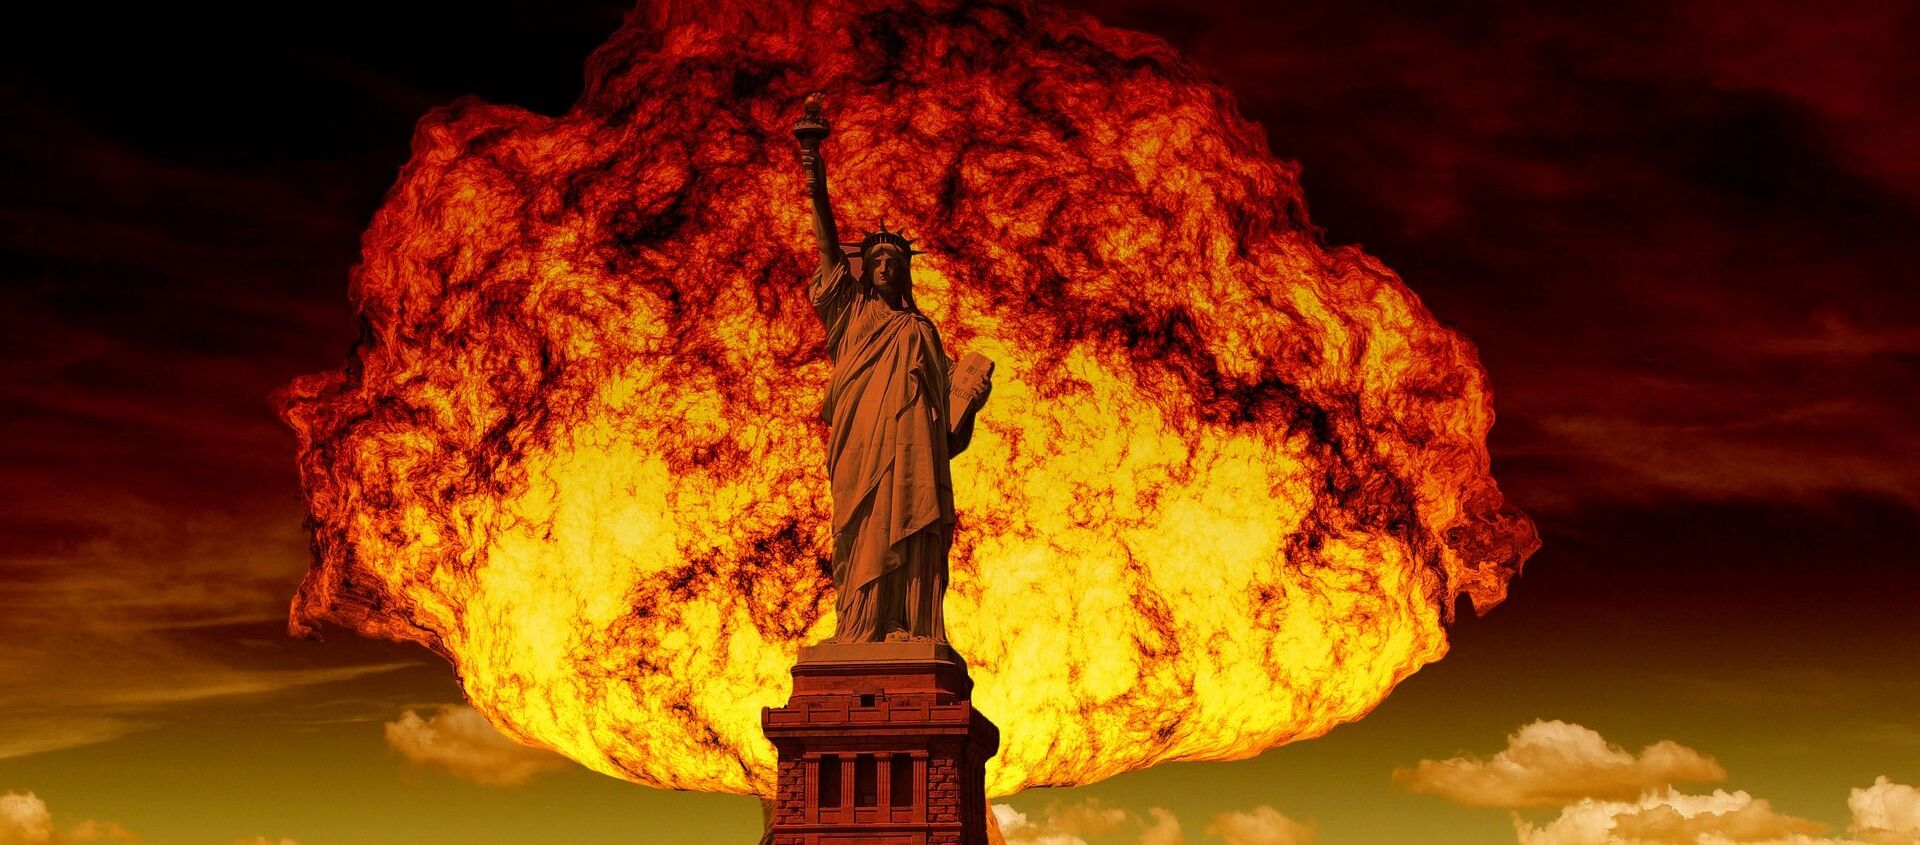 Ядерный взрыв на фоне статуи Свободы в Нью-Йорке - Sputnik Việt Nam, 1920, 03.02.2021